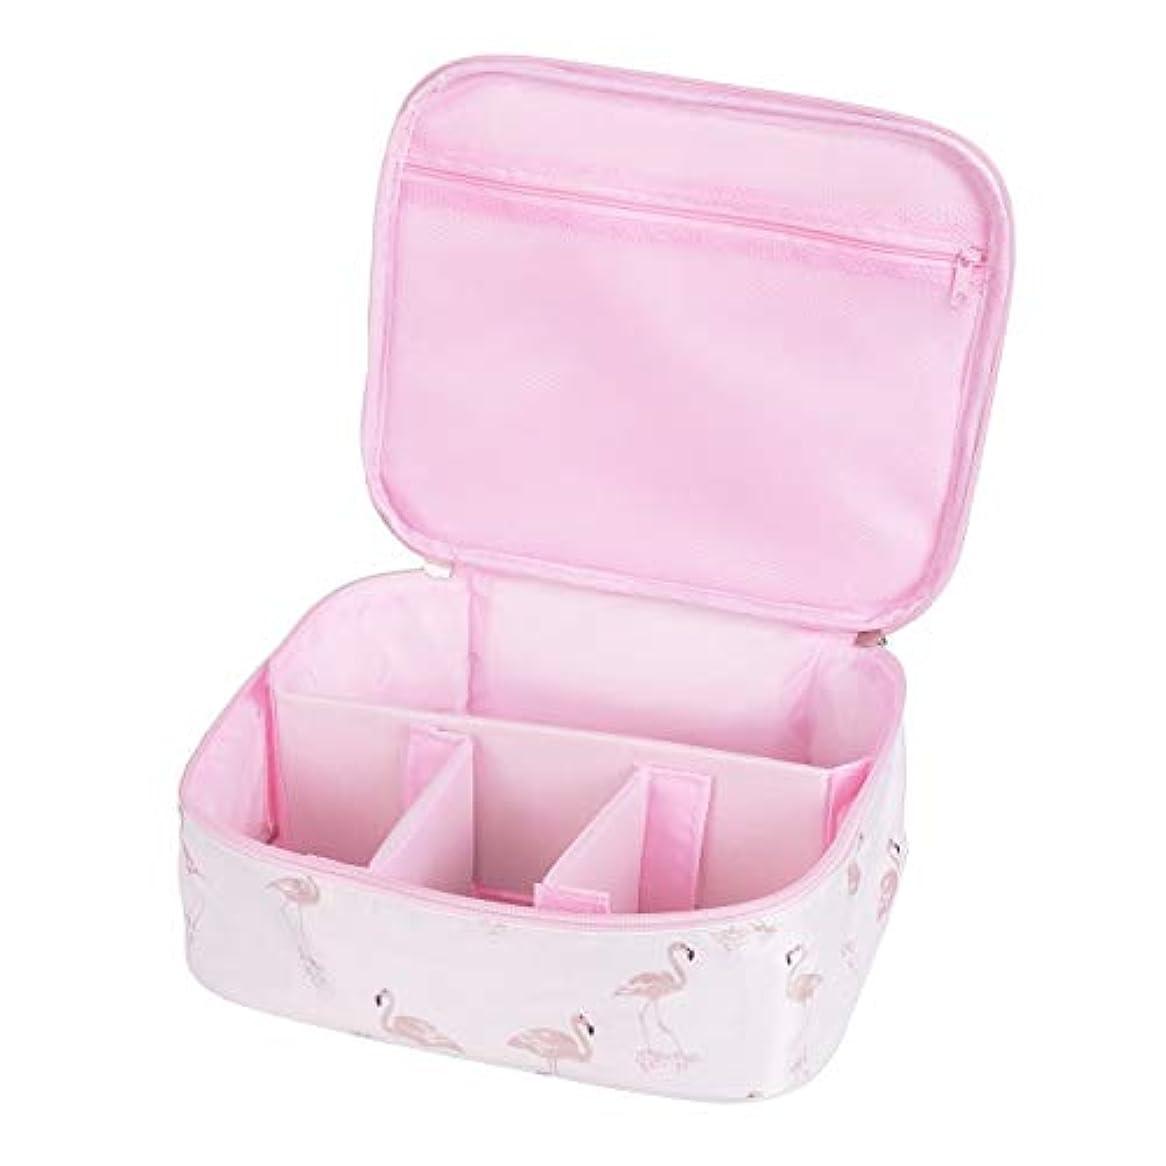 審判ベイビー懲らしめ[CAWKAY] メイクボックス 旅行用化粧ケース コスメ バッグ ボックス トラベル化粧ポーチ メイクブラシ 小物入れ 収納